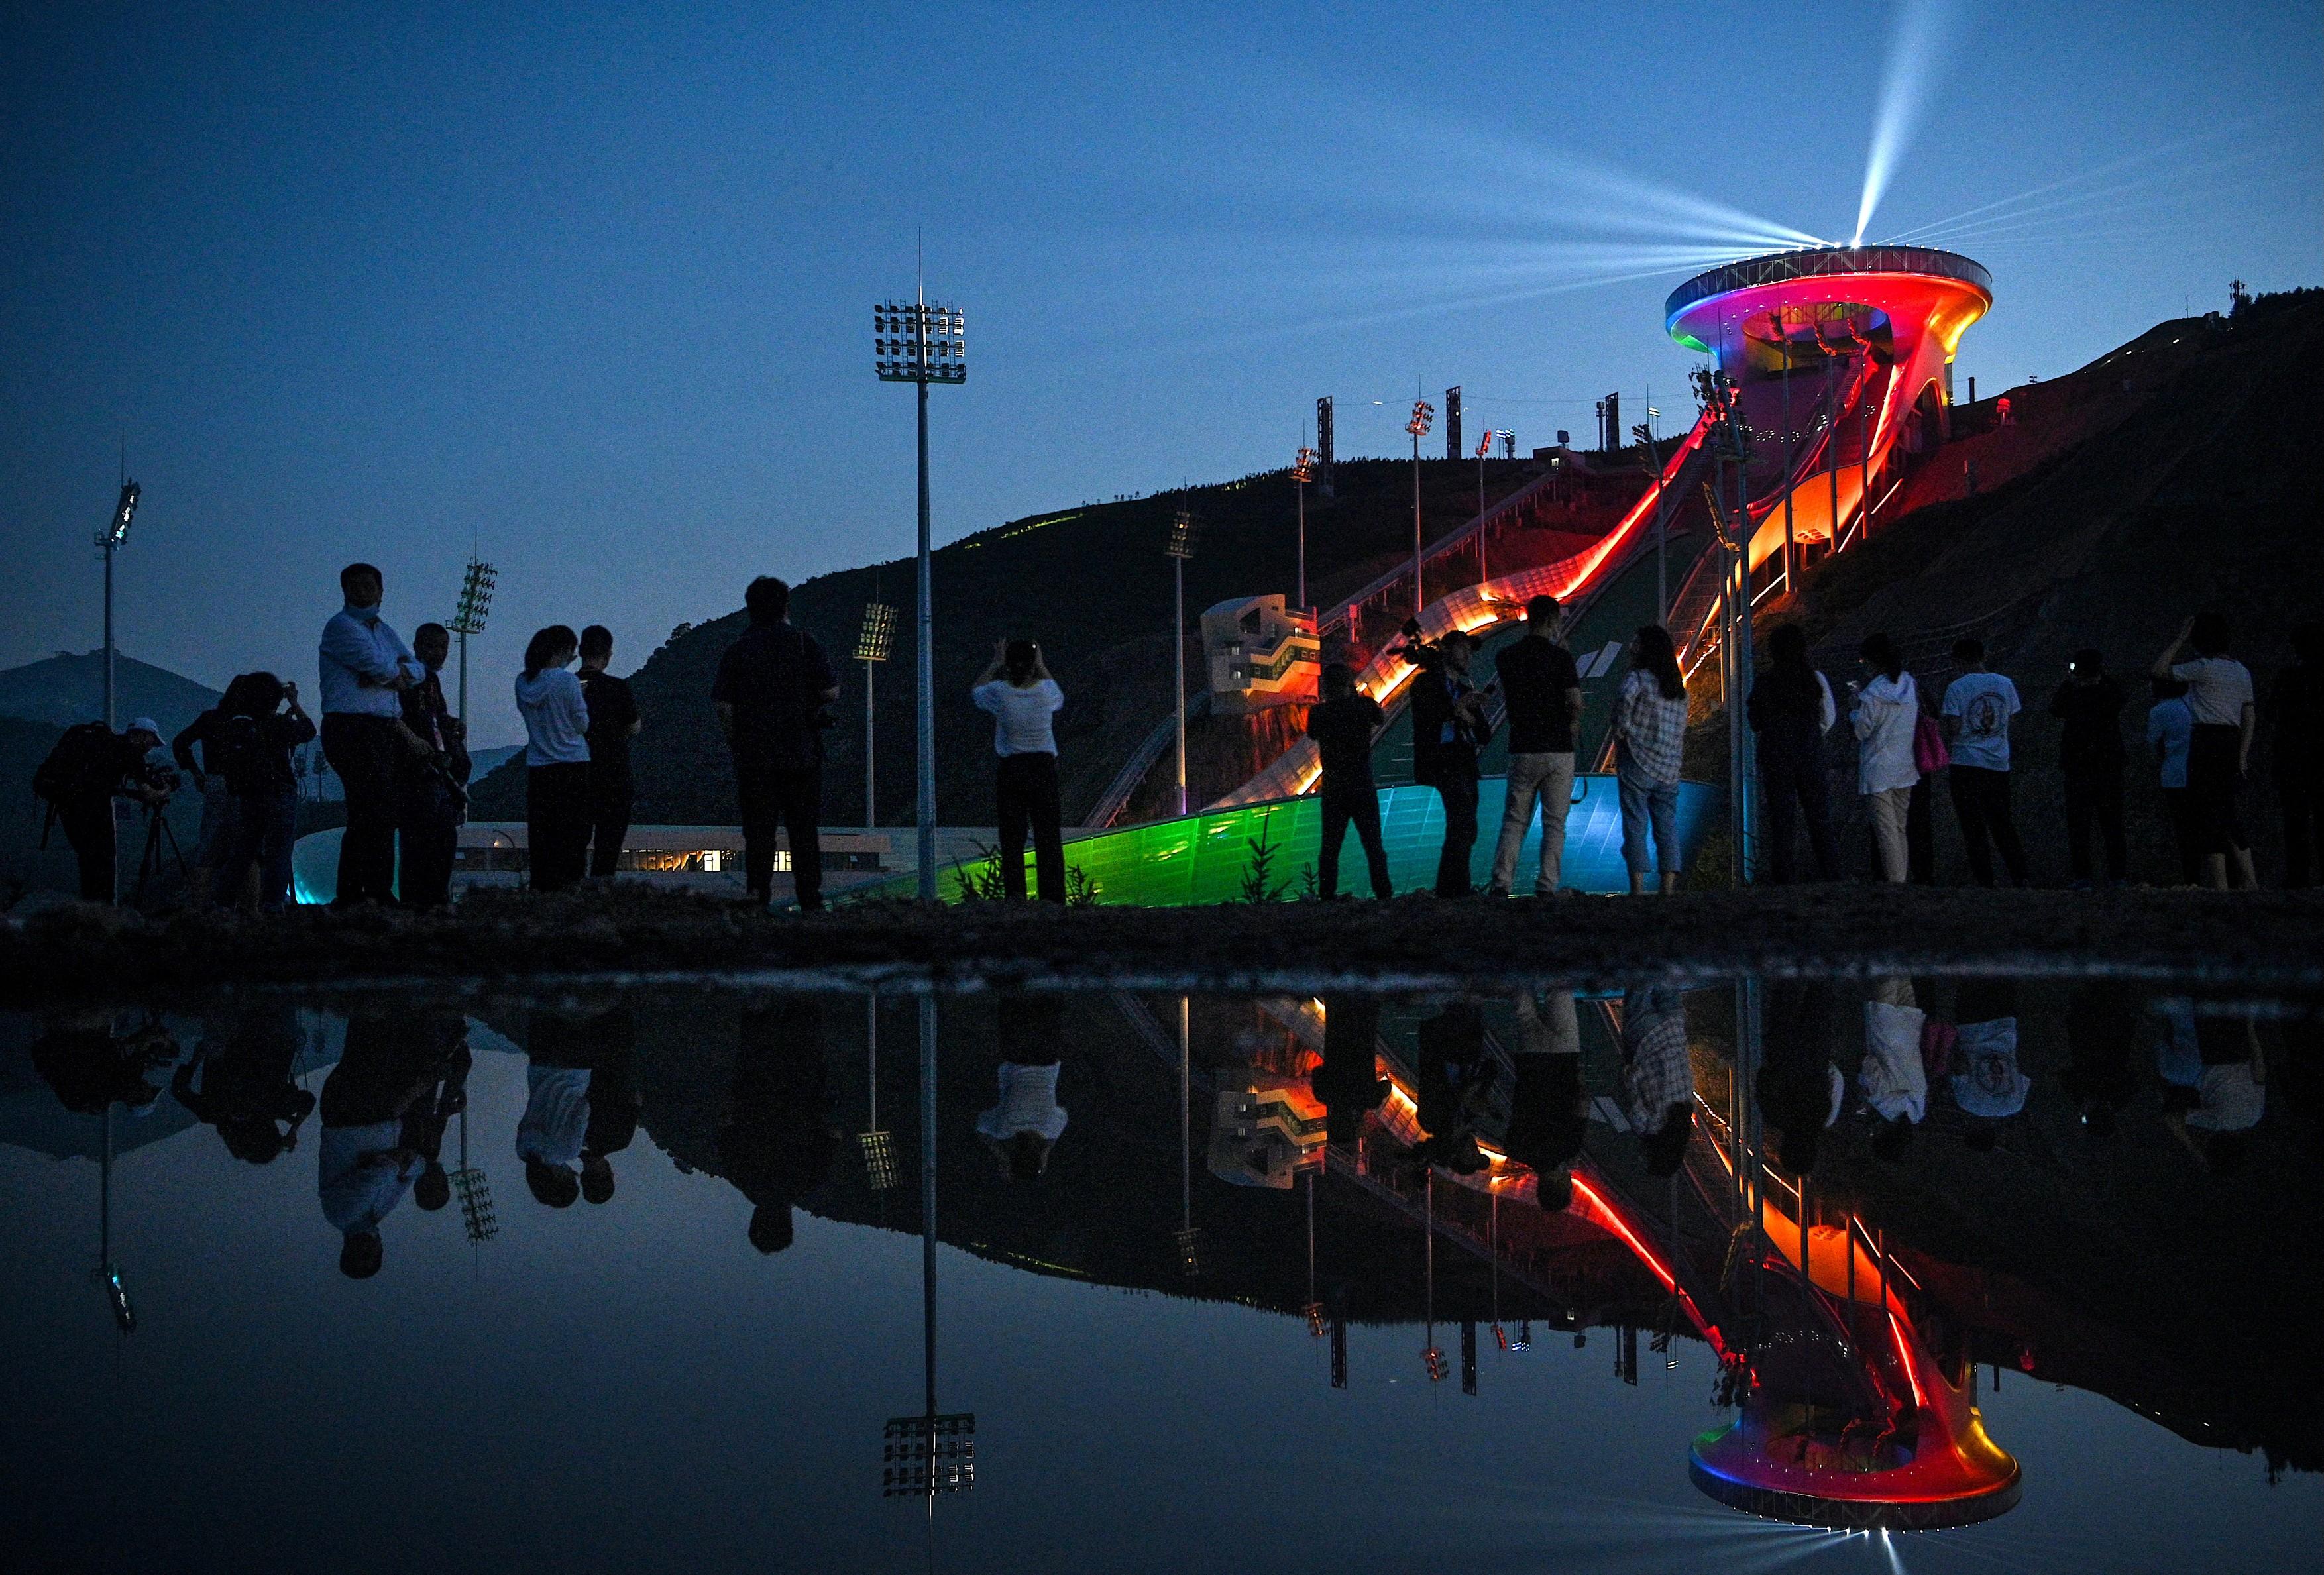 Flacara olimpica pentru Jocurile de Iarna de la Beijing va fi aprinsa luni fara spectatori